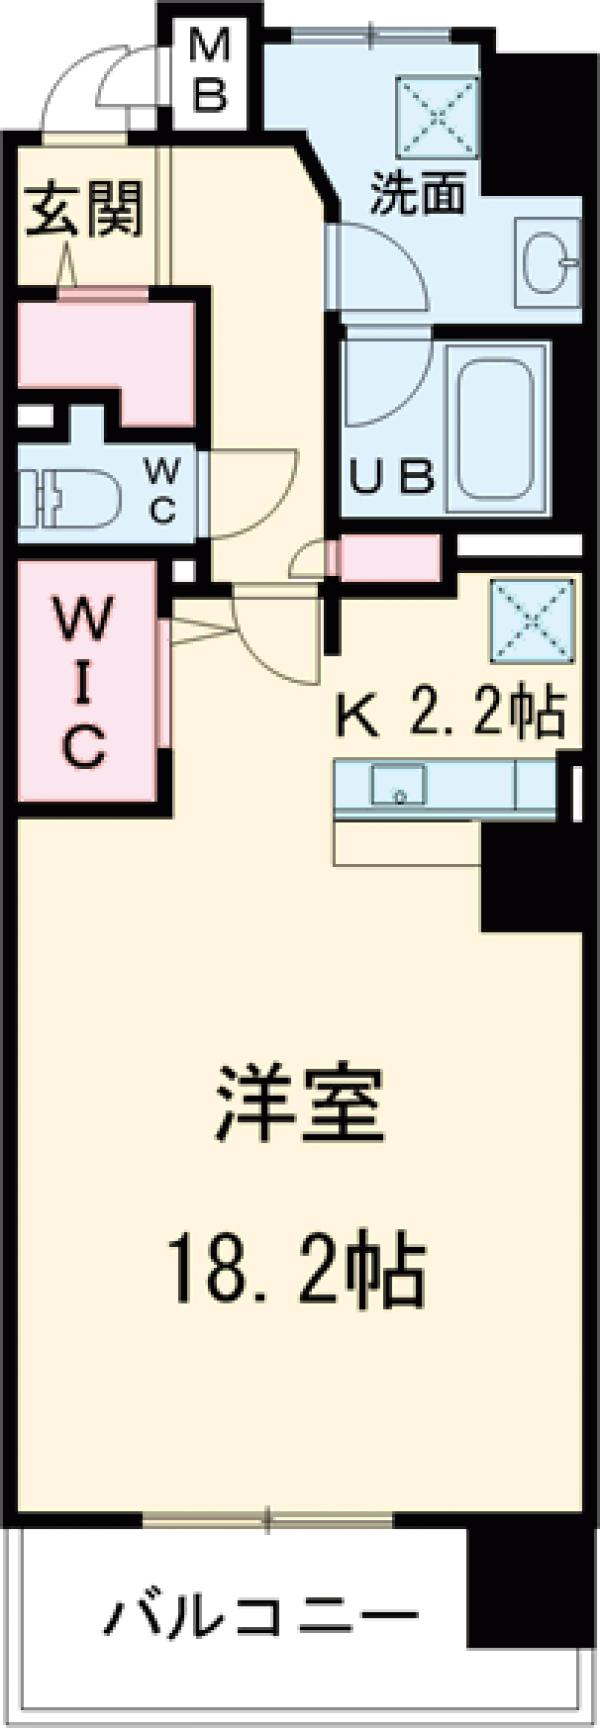 ロイヤルパークス花小金井・726号室の間取り